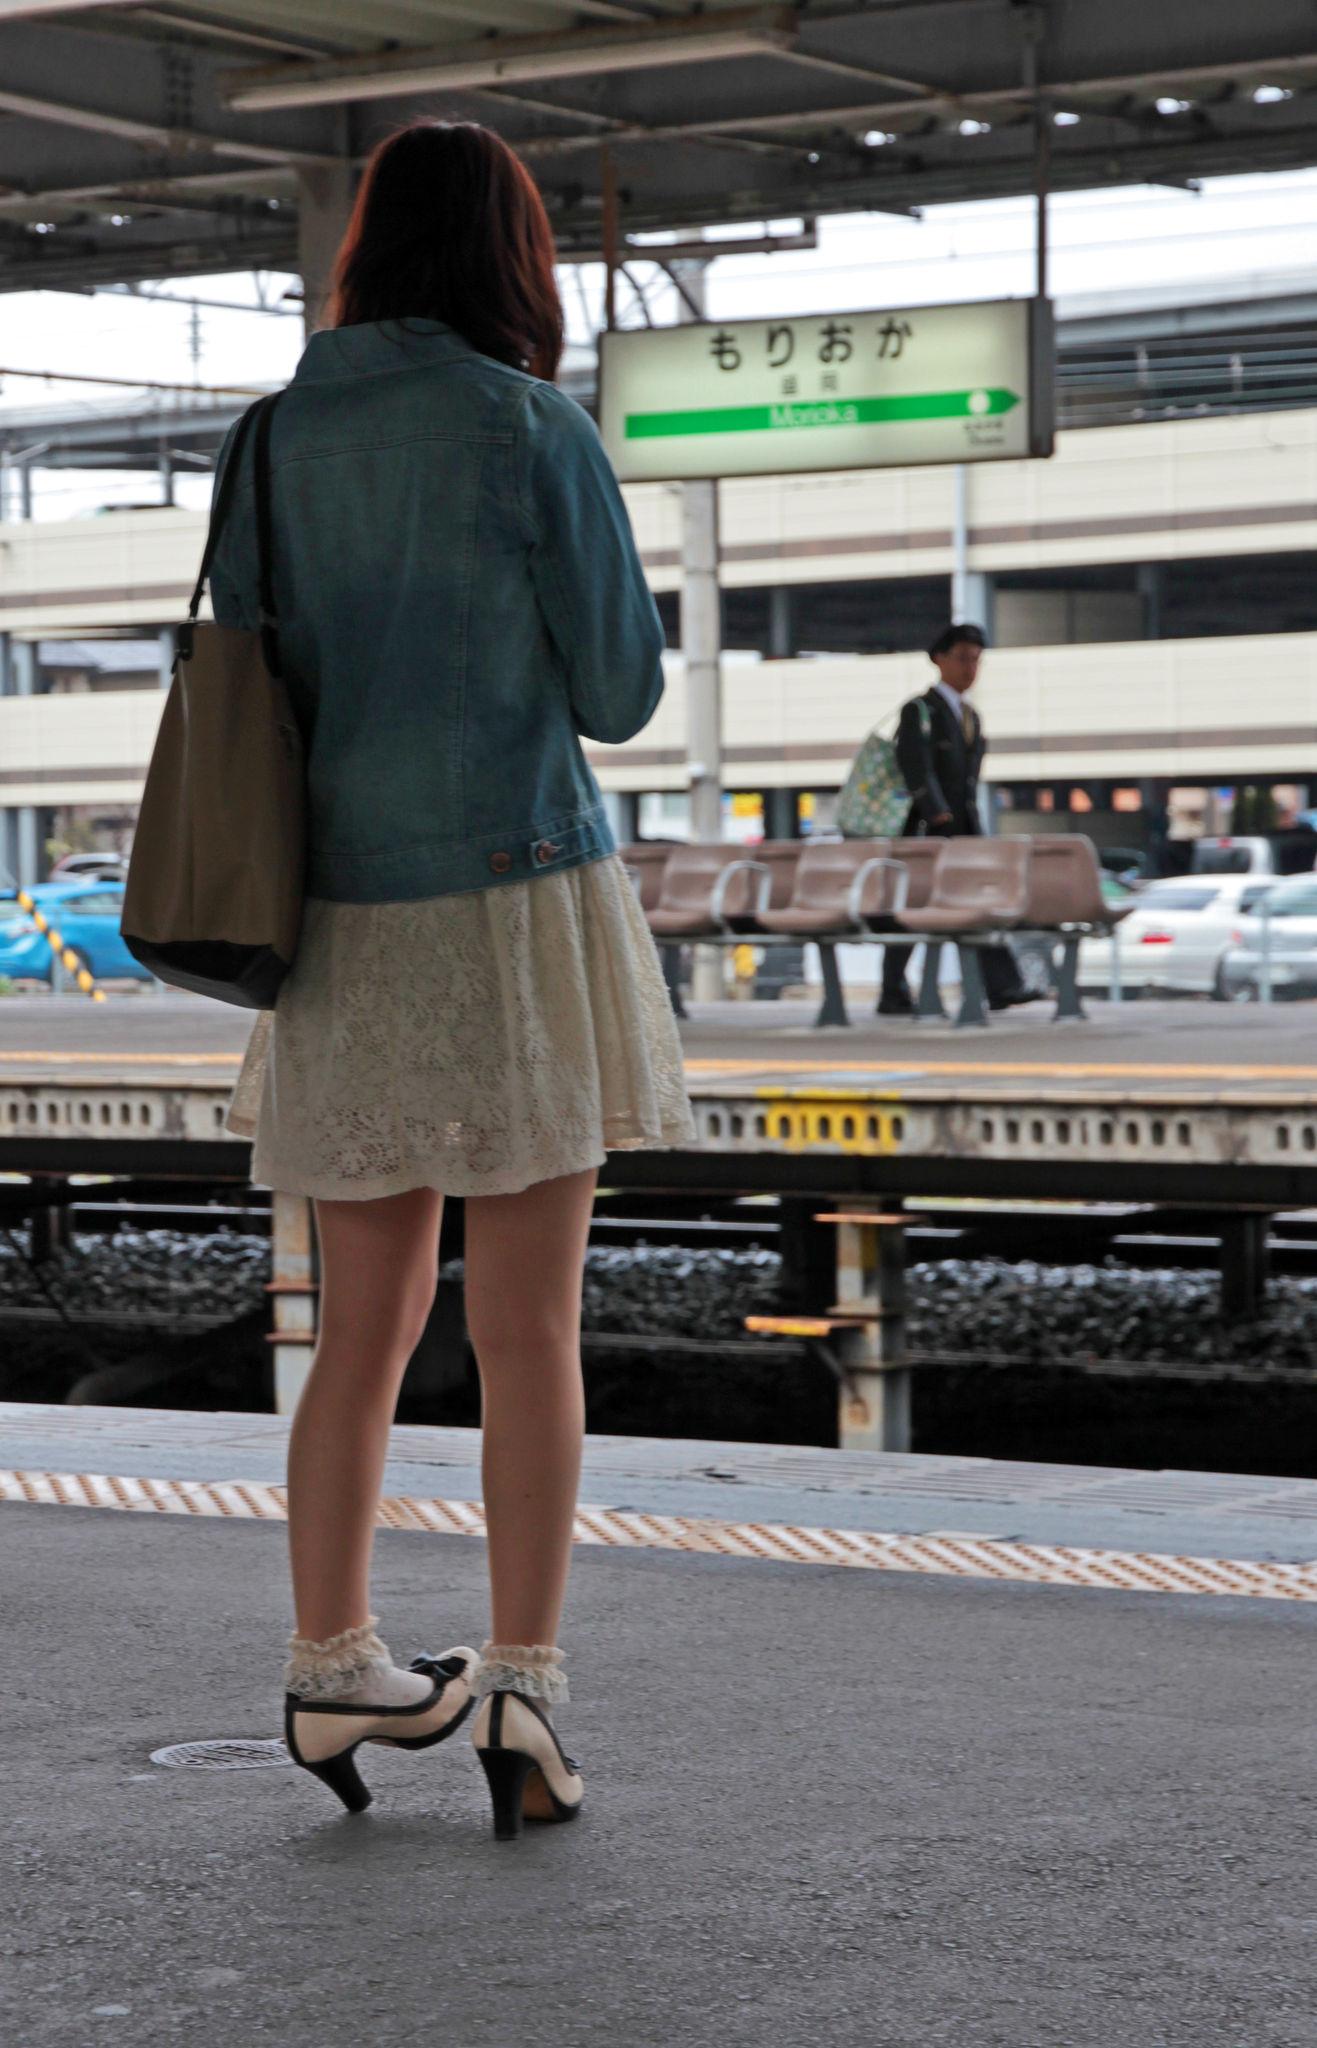 Morioka eki Girl